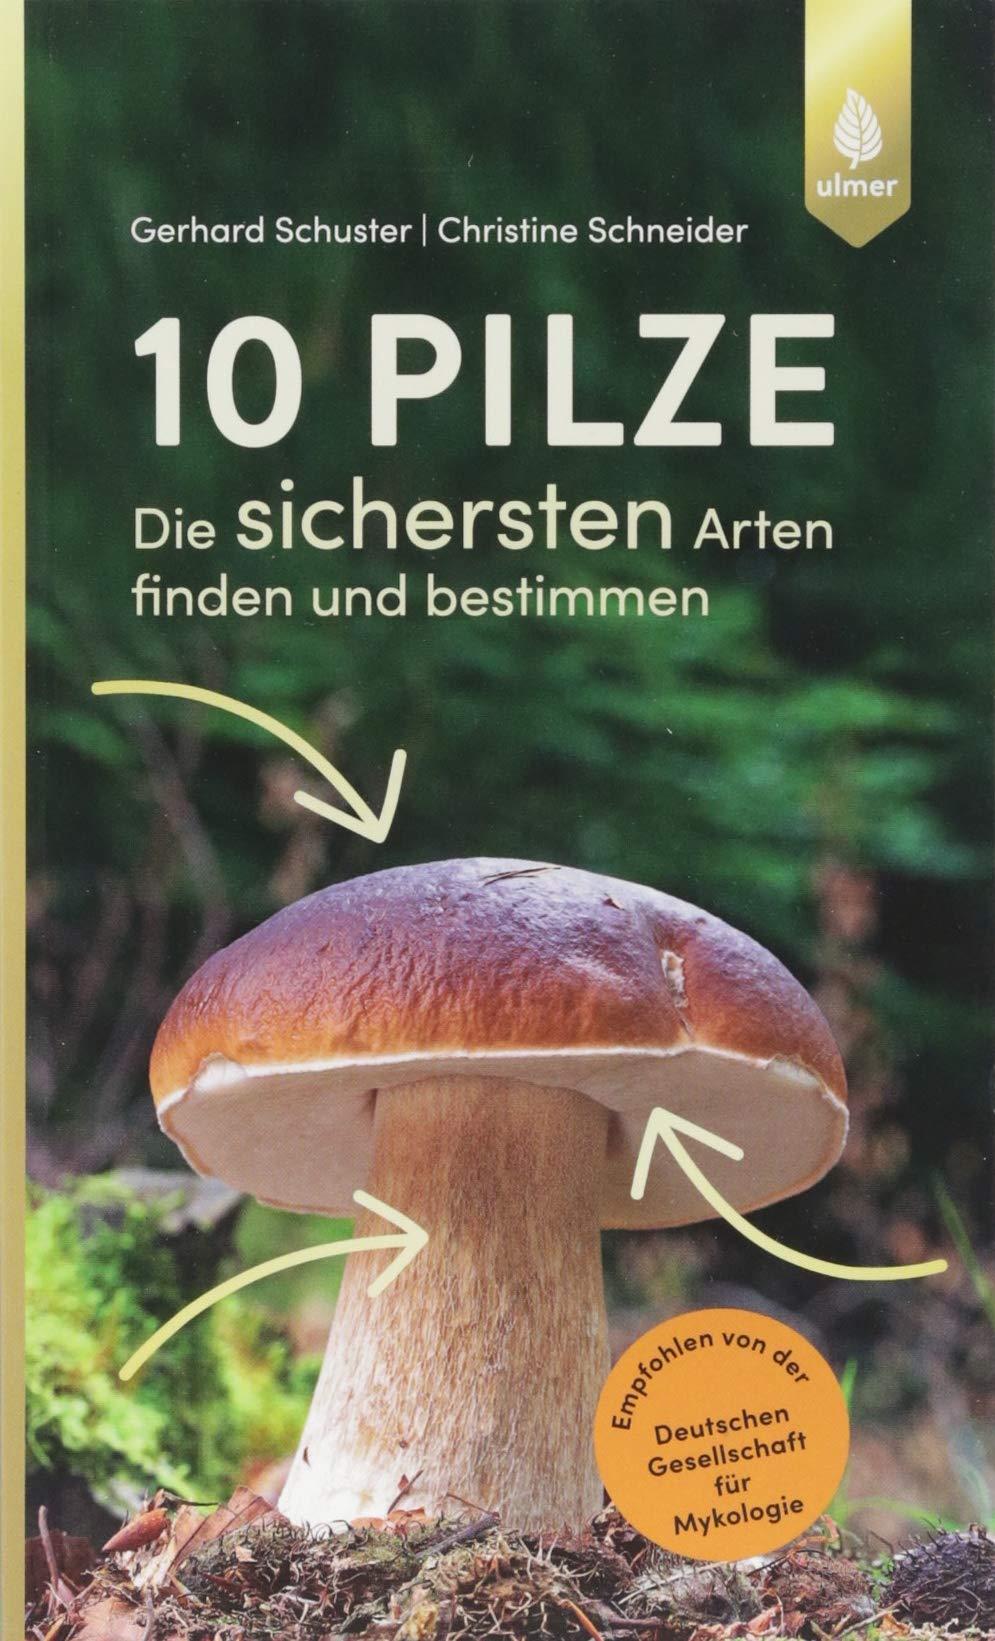 deutsche gesellschaft für mykologie